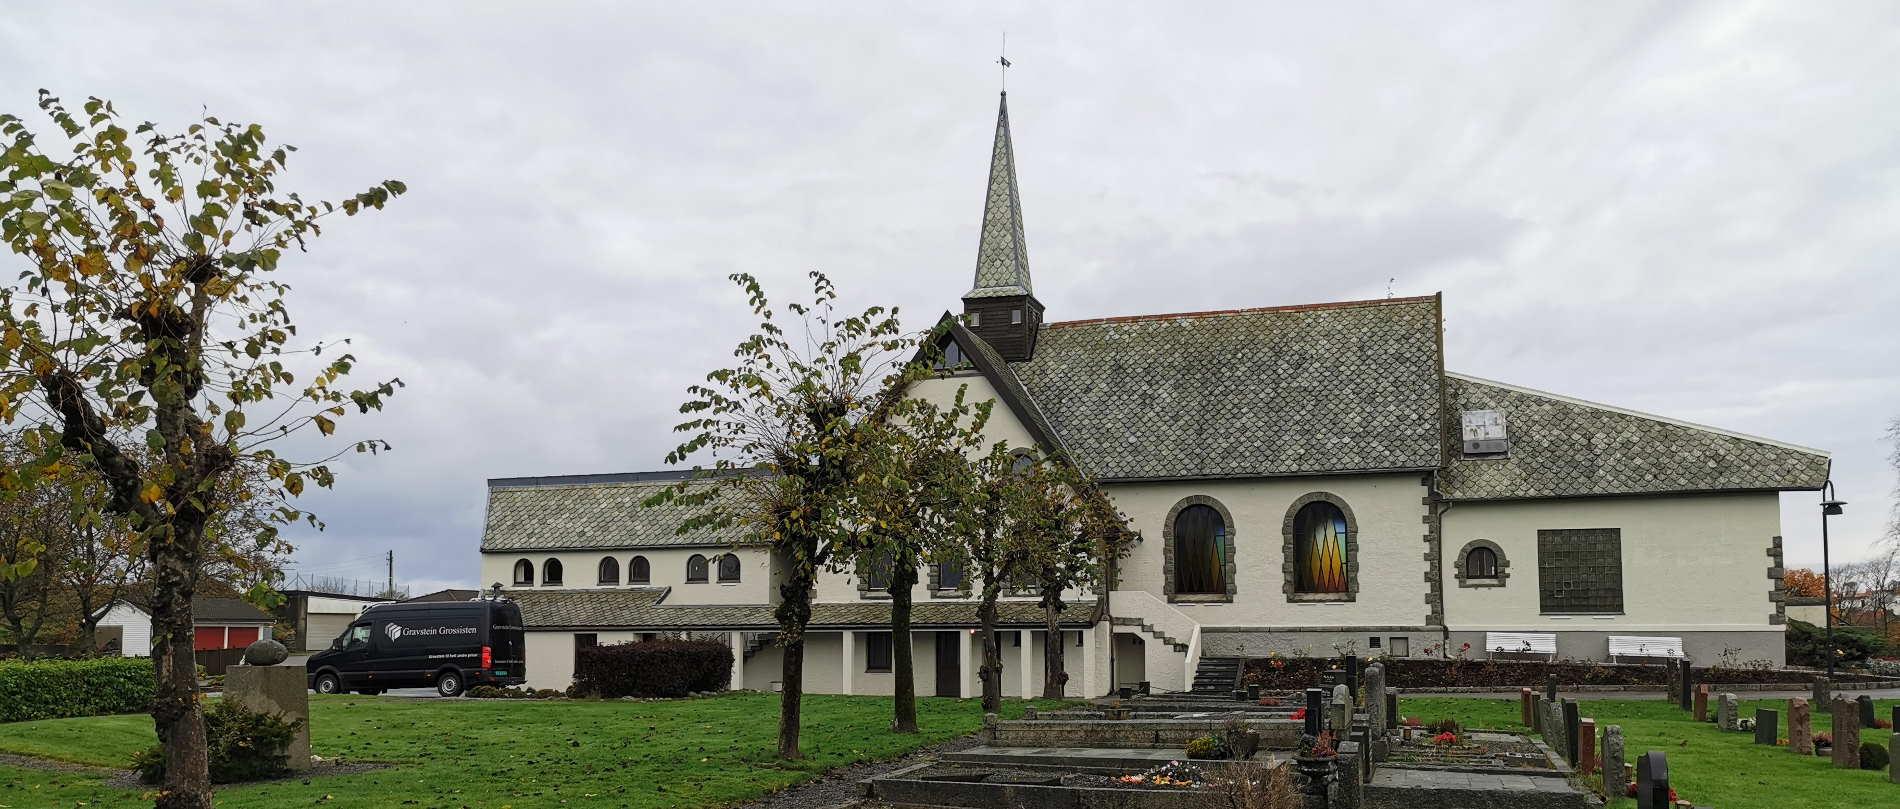 Gravstein Grossisten Vår Frelsers Kirke i Haugesund